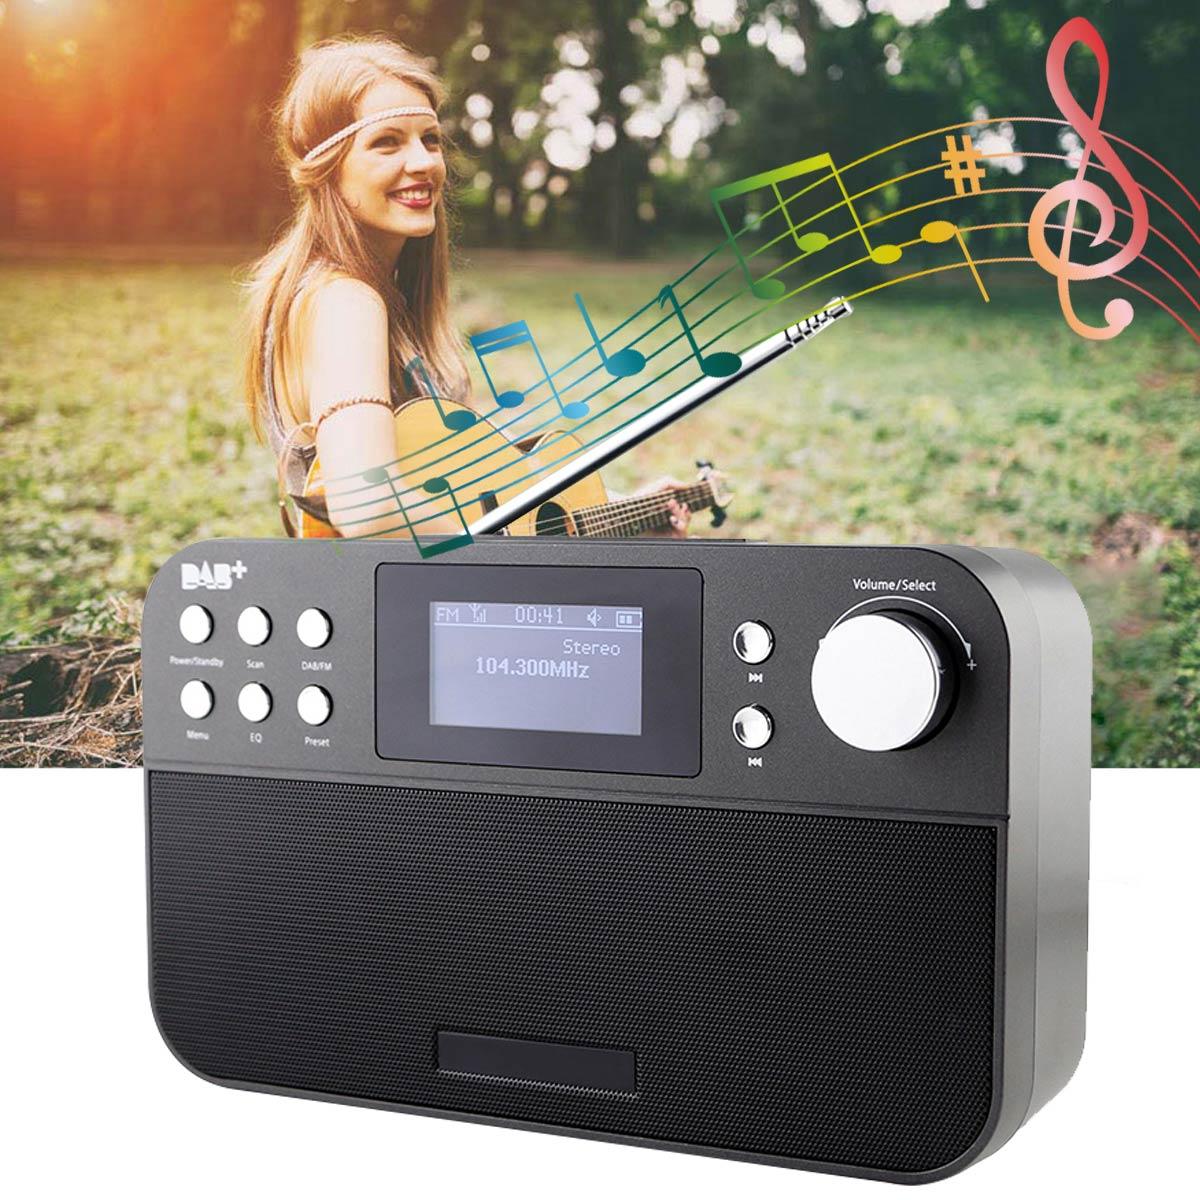 En plein air Portable Mini Radio numérique Pleine Fréquence Récepteur FM Radio Avec horloge numérique lcd Snooze Alarme Fonction